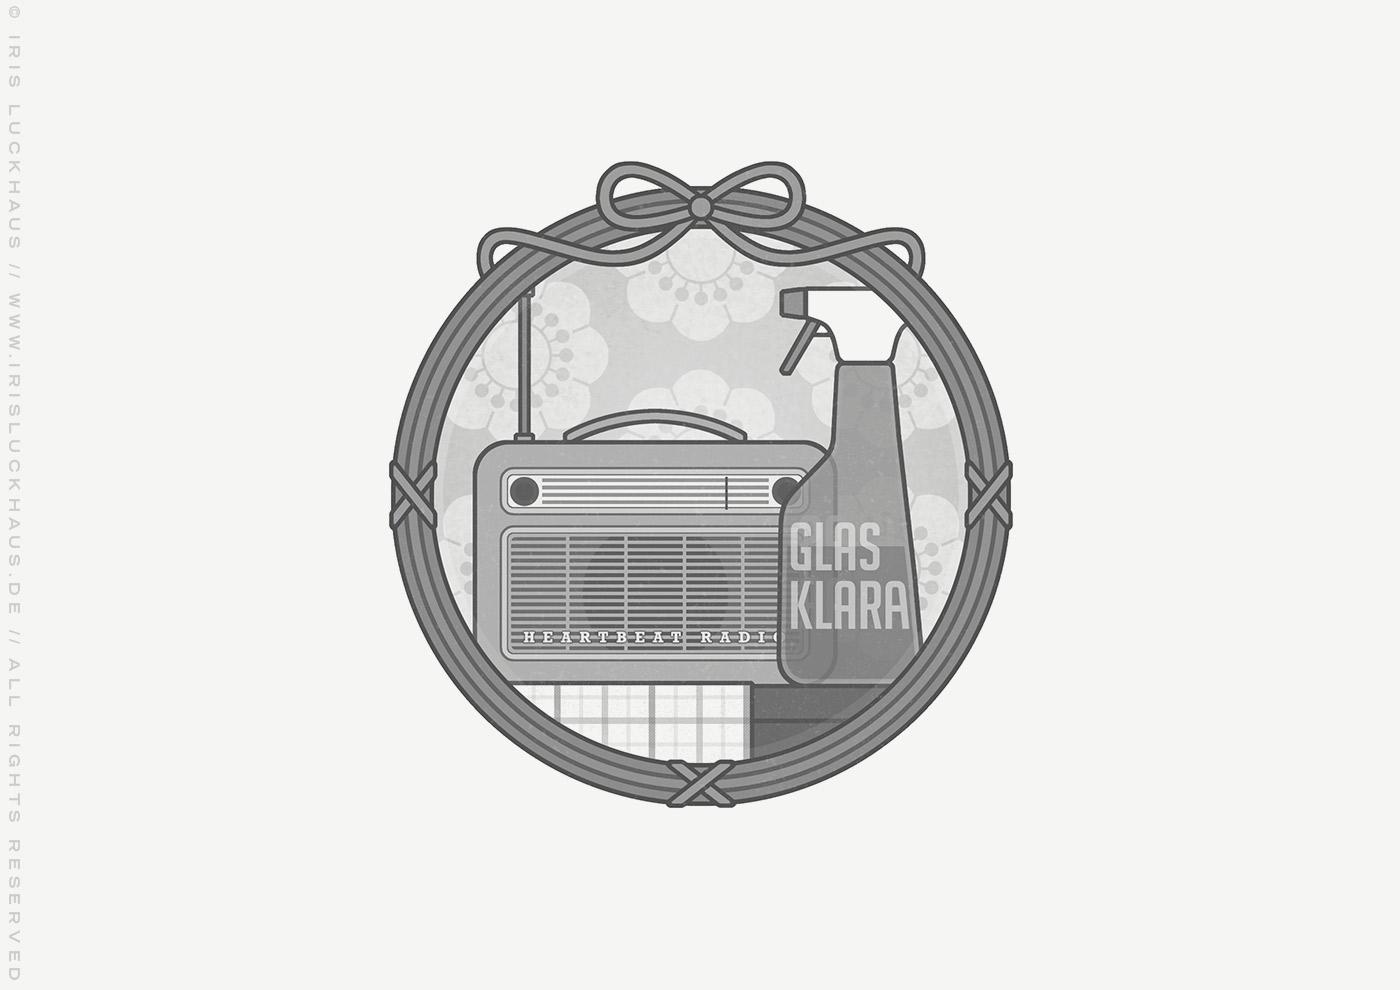 Vignette mit Mimi Fiedlers liebste Putzutensilien, Glasreiniger und Radio, die gegen jeden Weltschmerz helfen und gut für die Figur sind, für das Buch Brauchsu keine Doktor, brauchsu nur diese Buch – Die Balkantherapie für Liebe, Leib und Leben von Mimi Fiedler im MVG Verlag